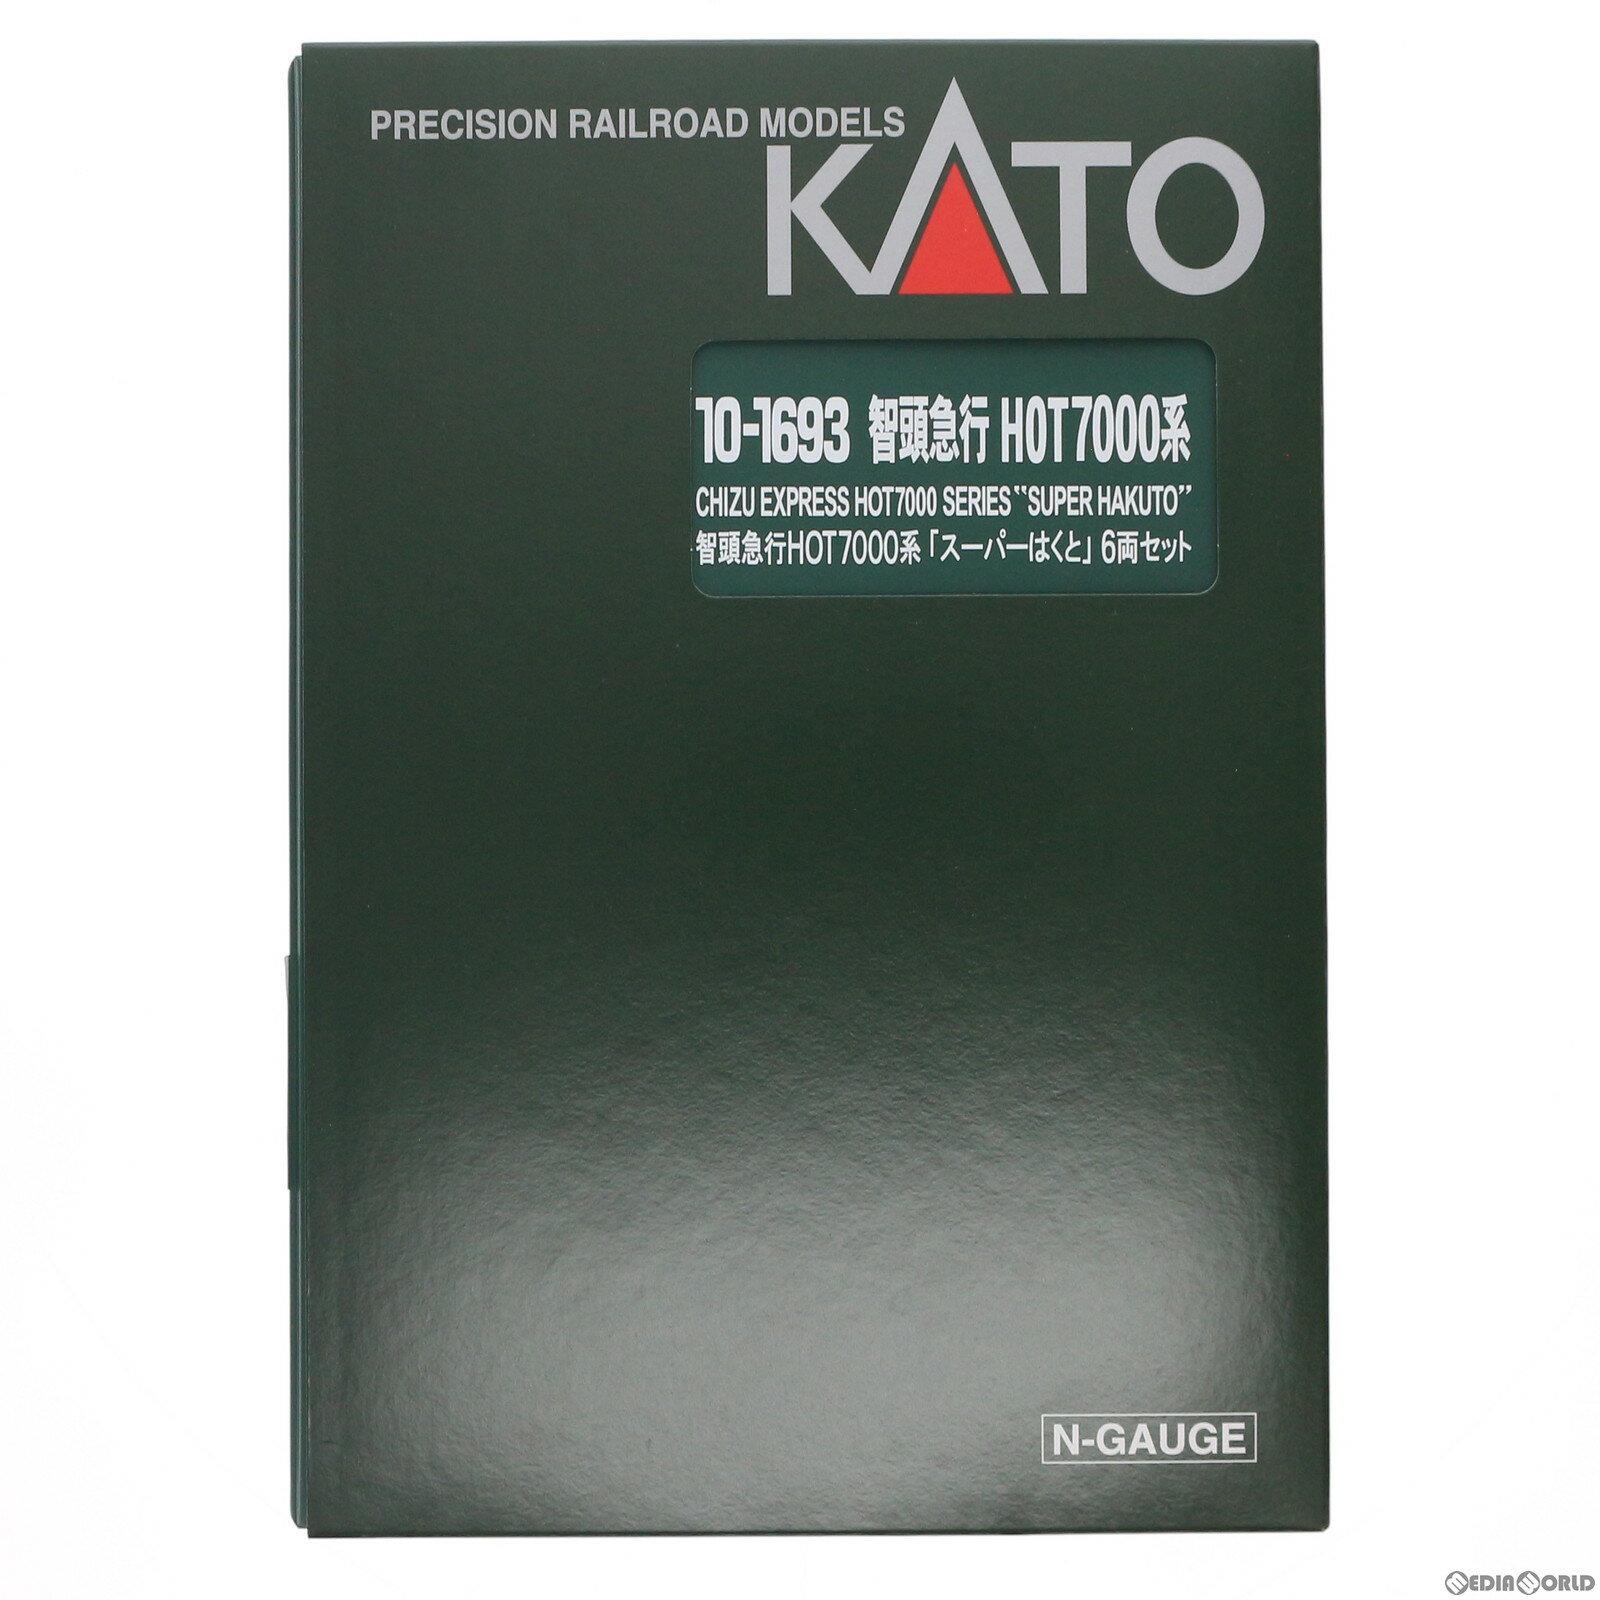 【予約安心発送】[RWM]10-1693 智頭急行 HOT7000系「スーパーはくと」 6両セット(動力付き) Nゲージ 鉄道模型 KATO(カトー)(2021年12月)